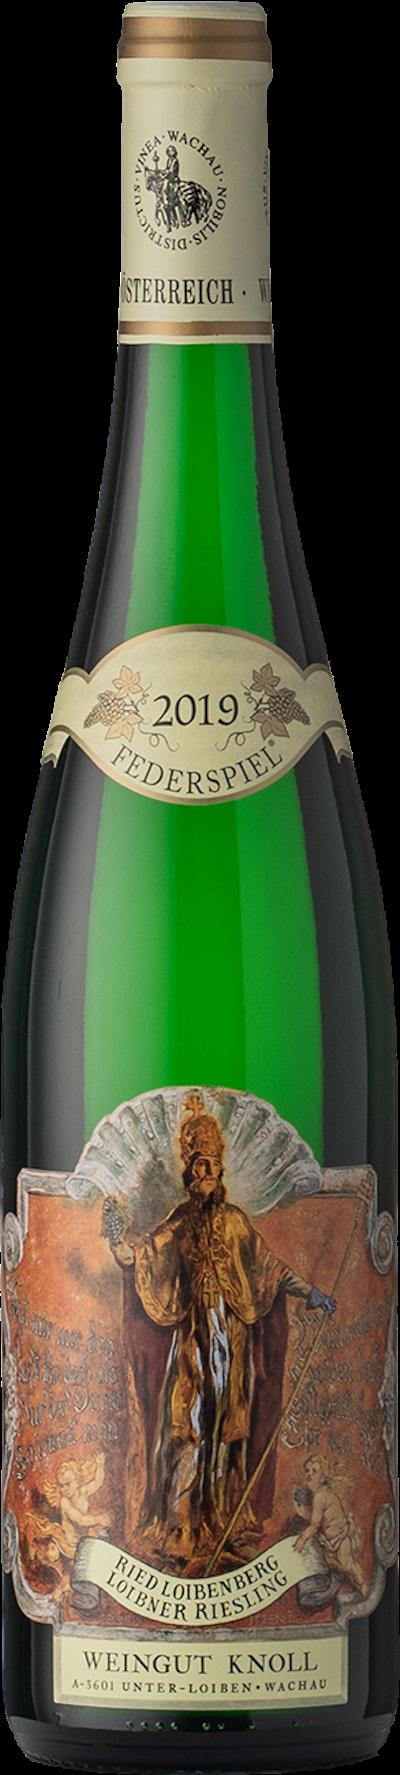 Knoll - Riesling Federspiel Ried Loibenberg